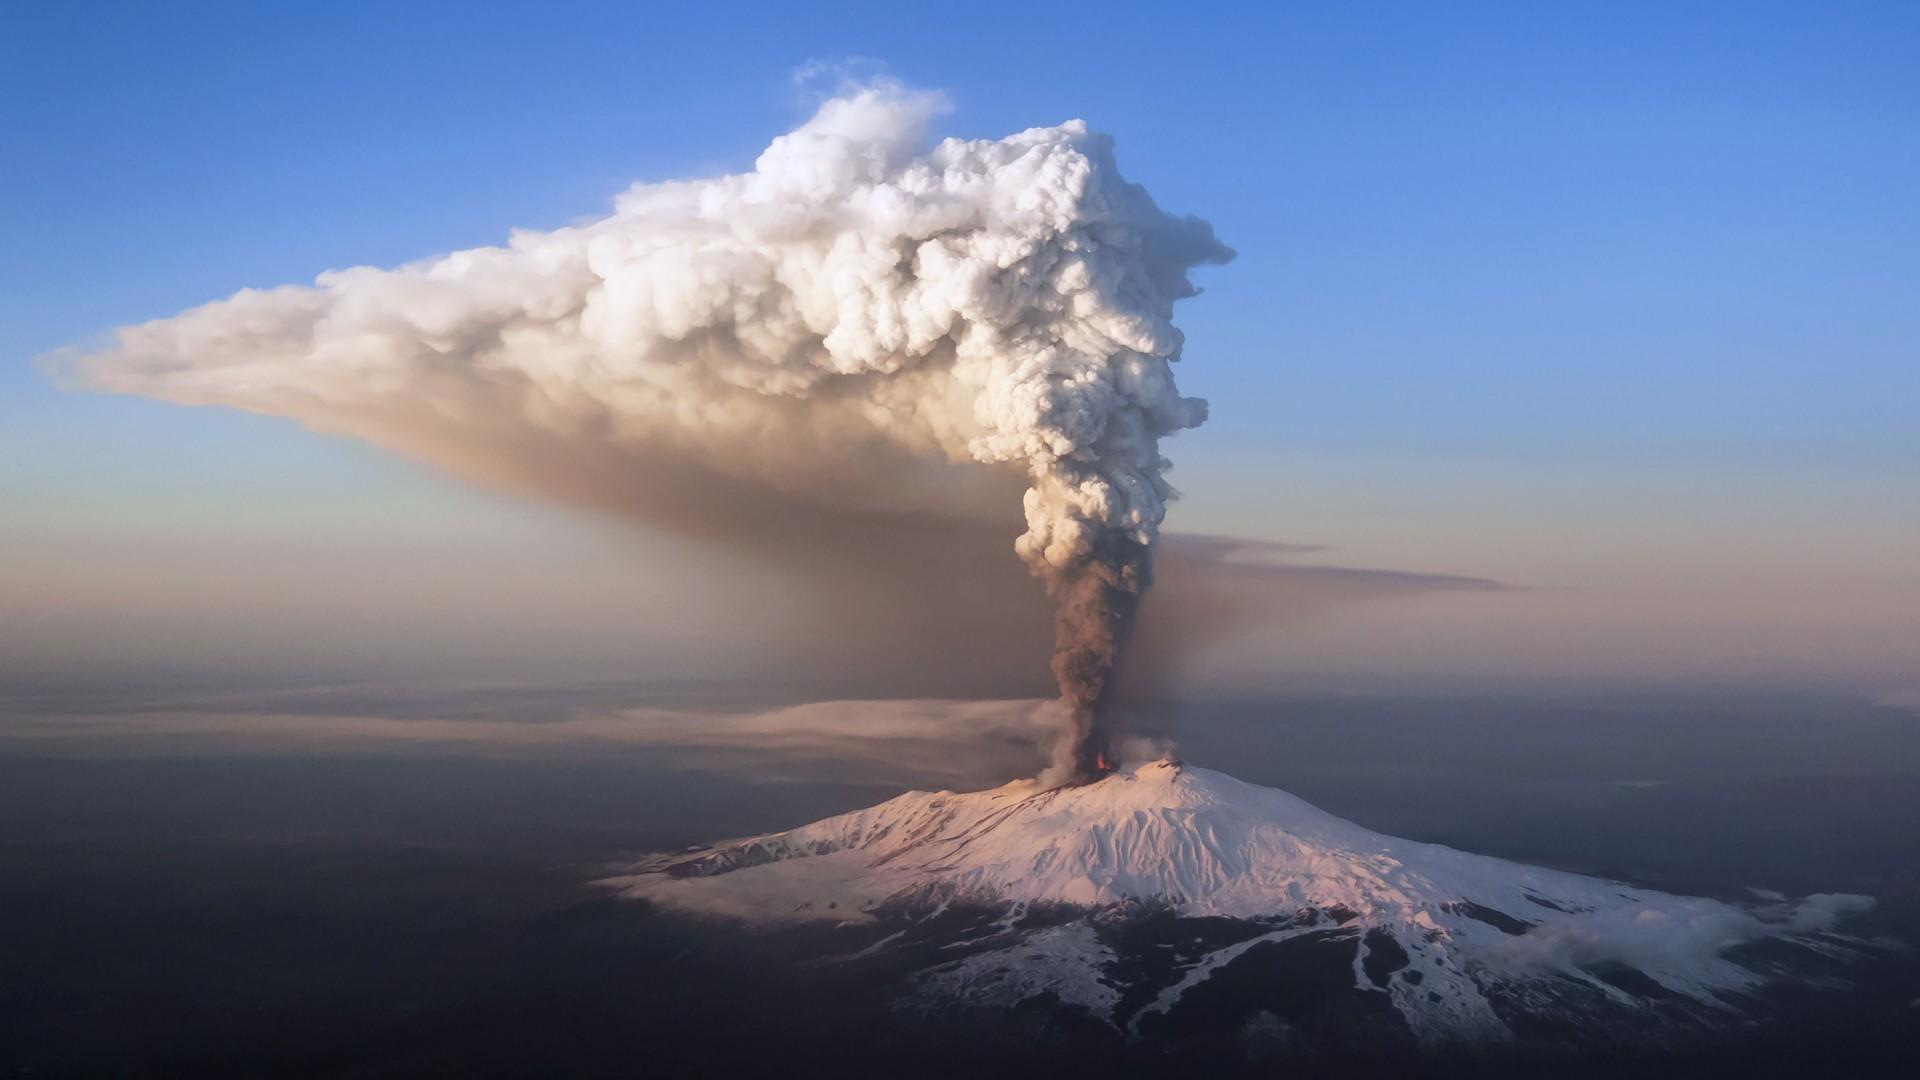 Nevado del Ruiz, Columbia 1985, 23,000 casualties c5ce2b67d4e5f736e6e7864953ff27b3